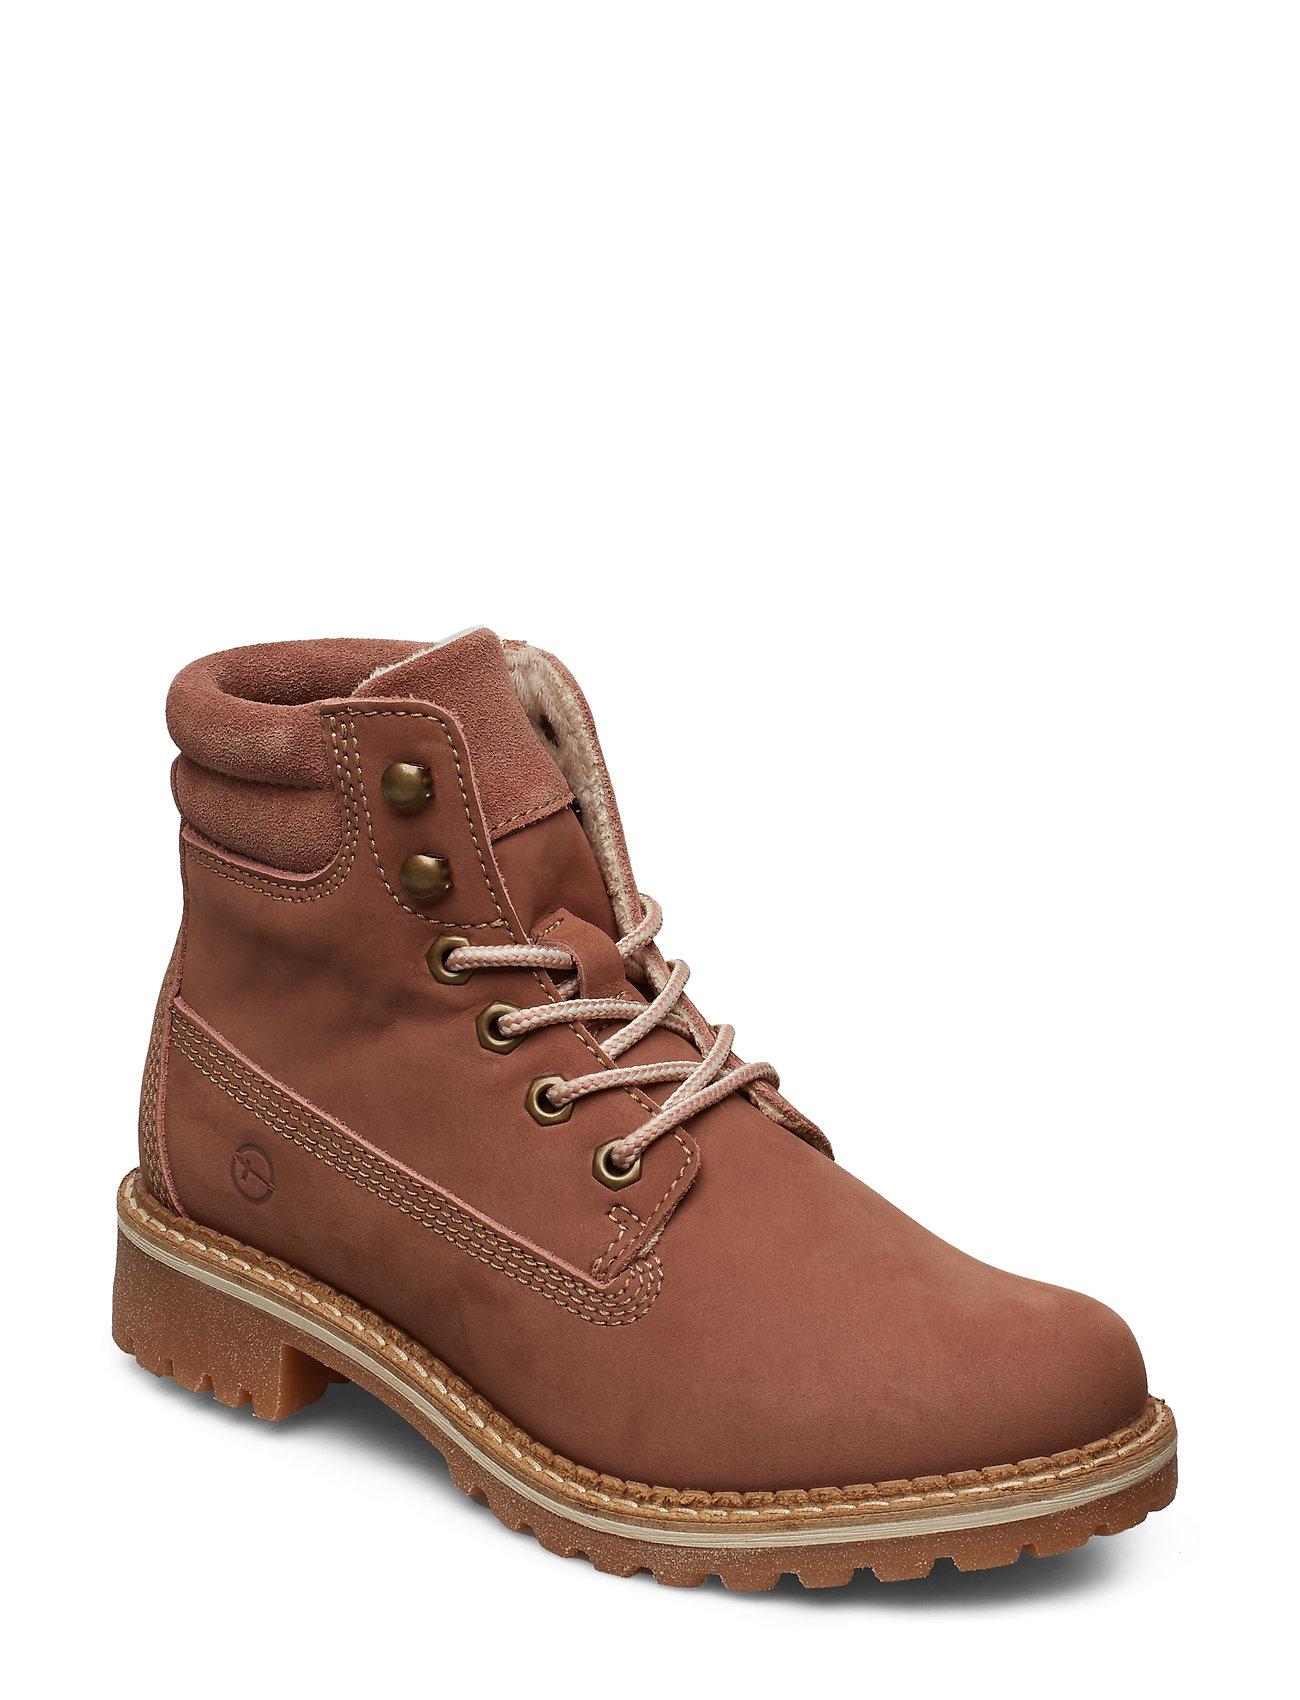 Tamaris Boots - OLD ROSE